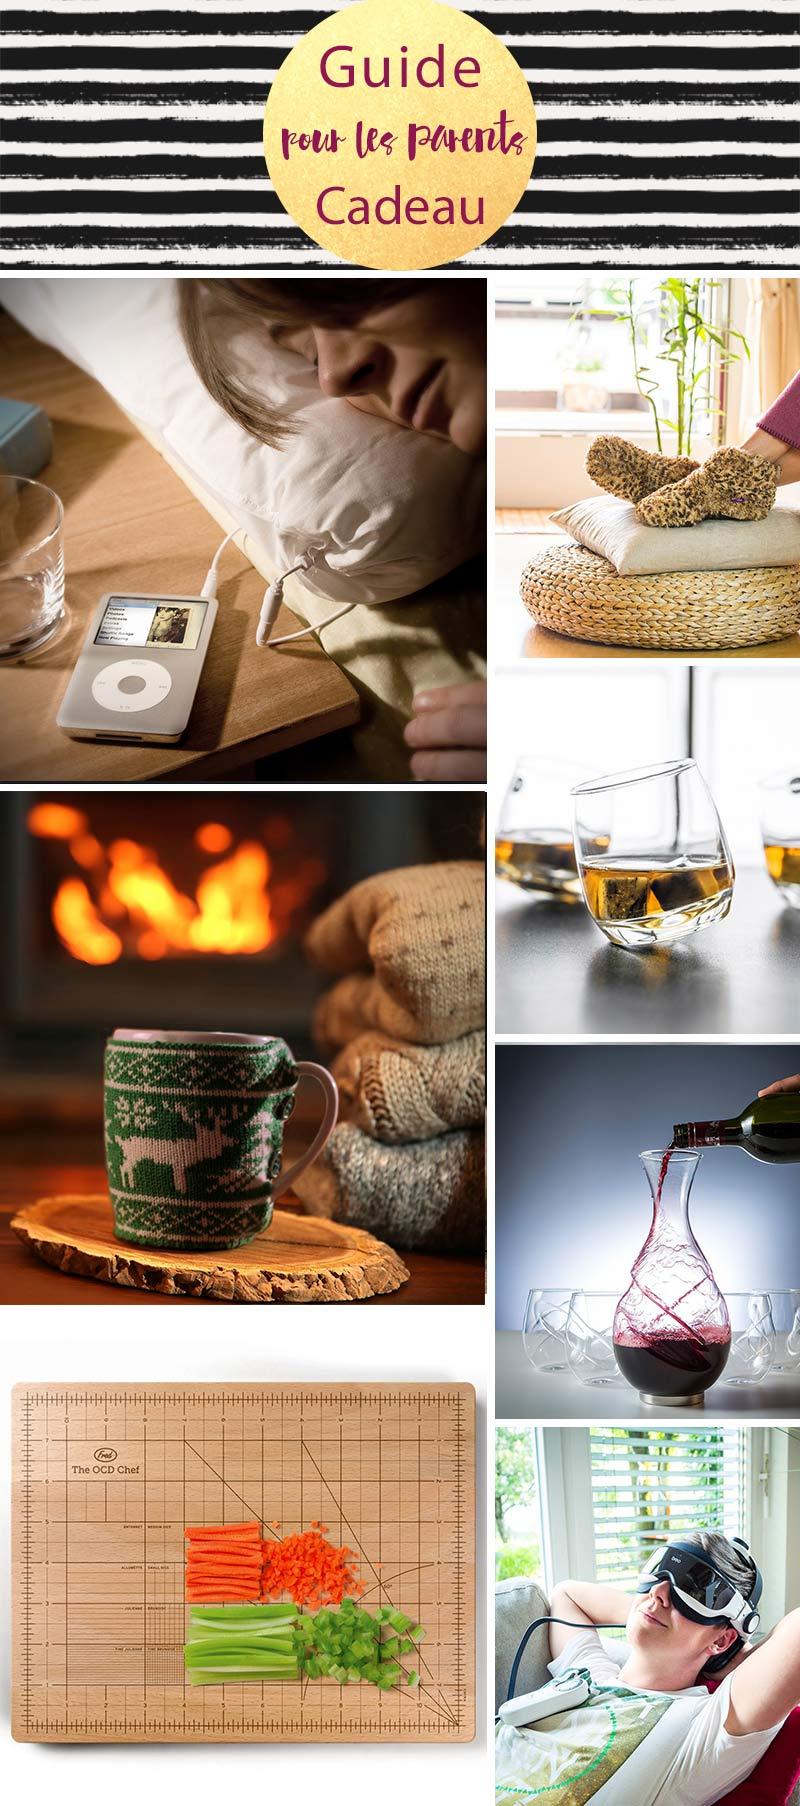 guide de cadeaux pour les parents cadeaux originaux. Black Bedroom Furniture Sets. Home Design Ideas